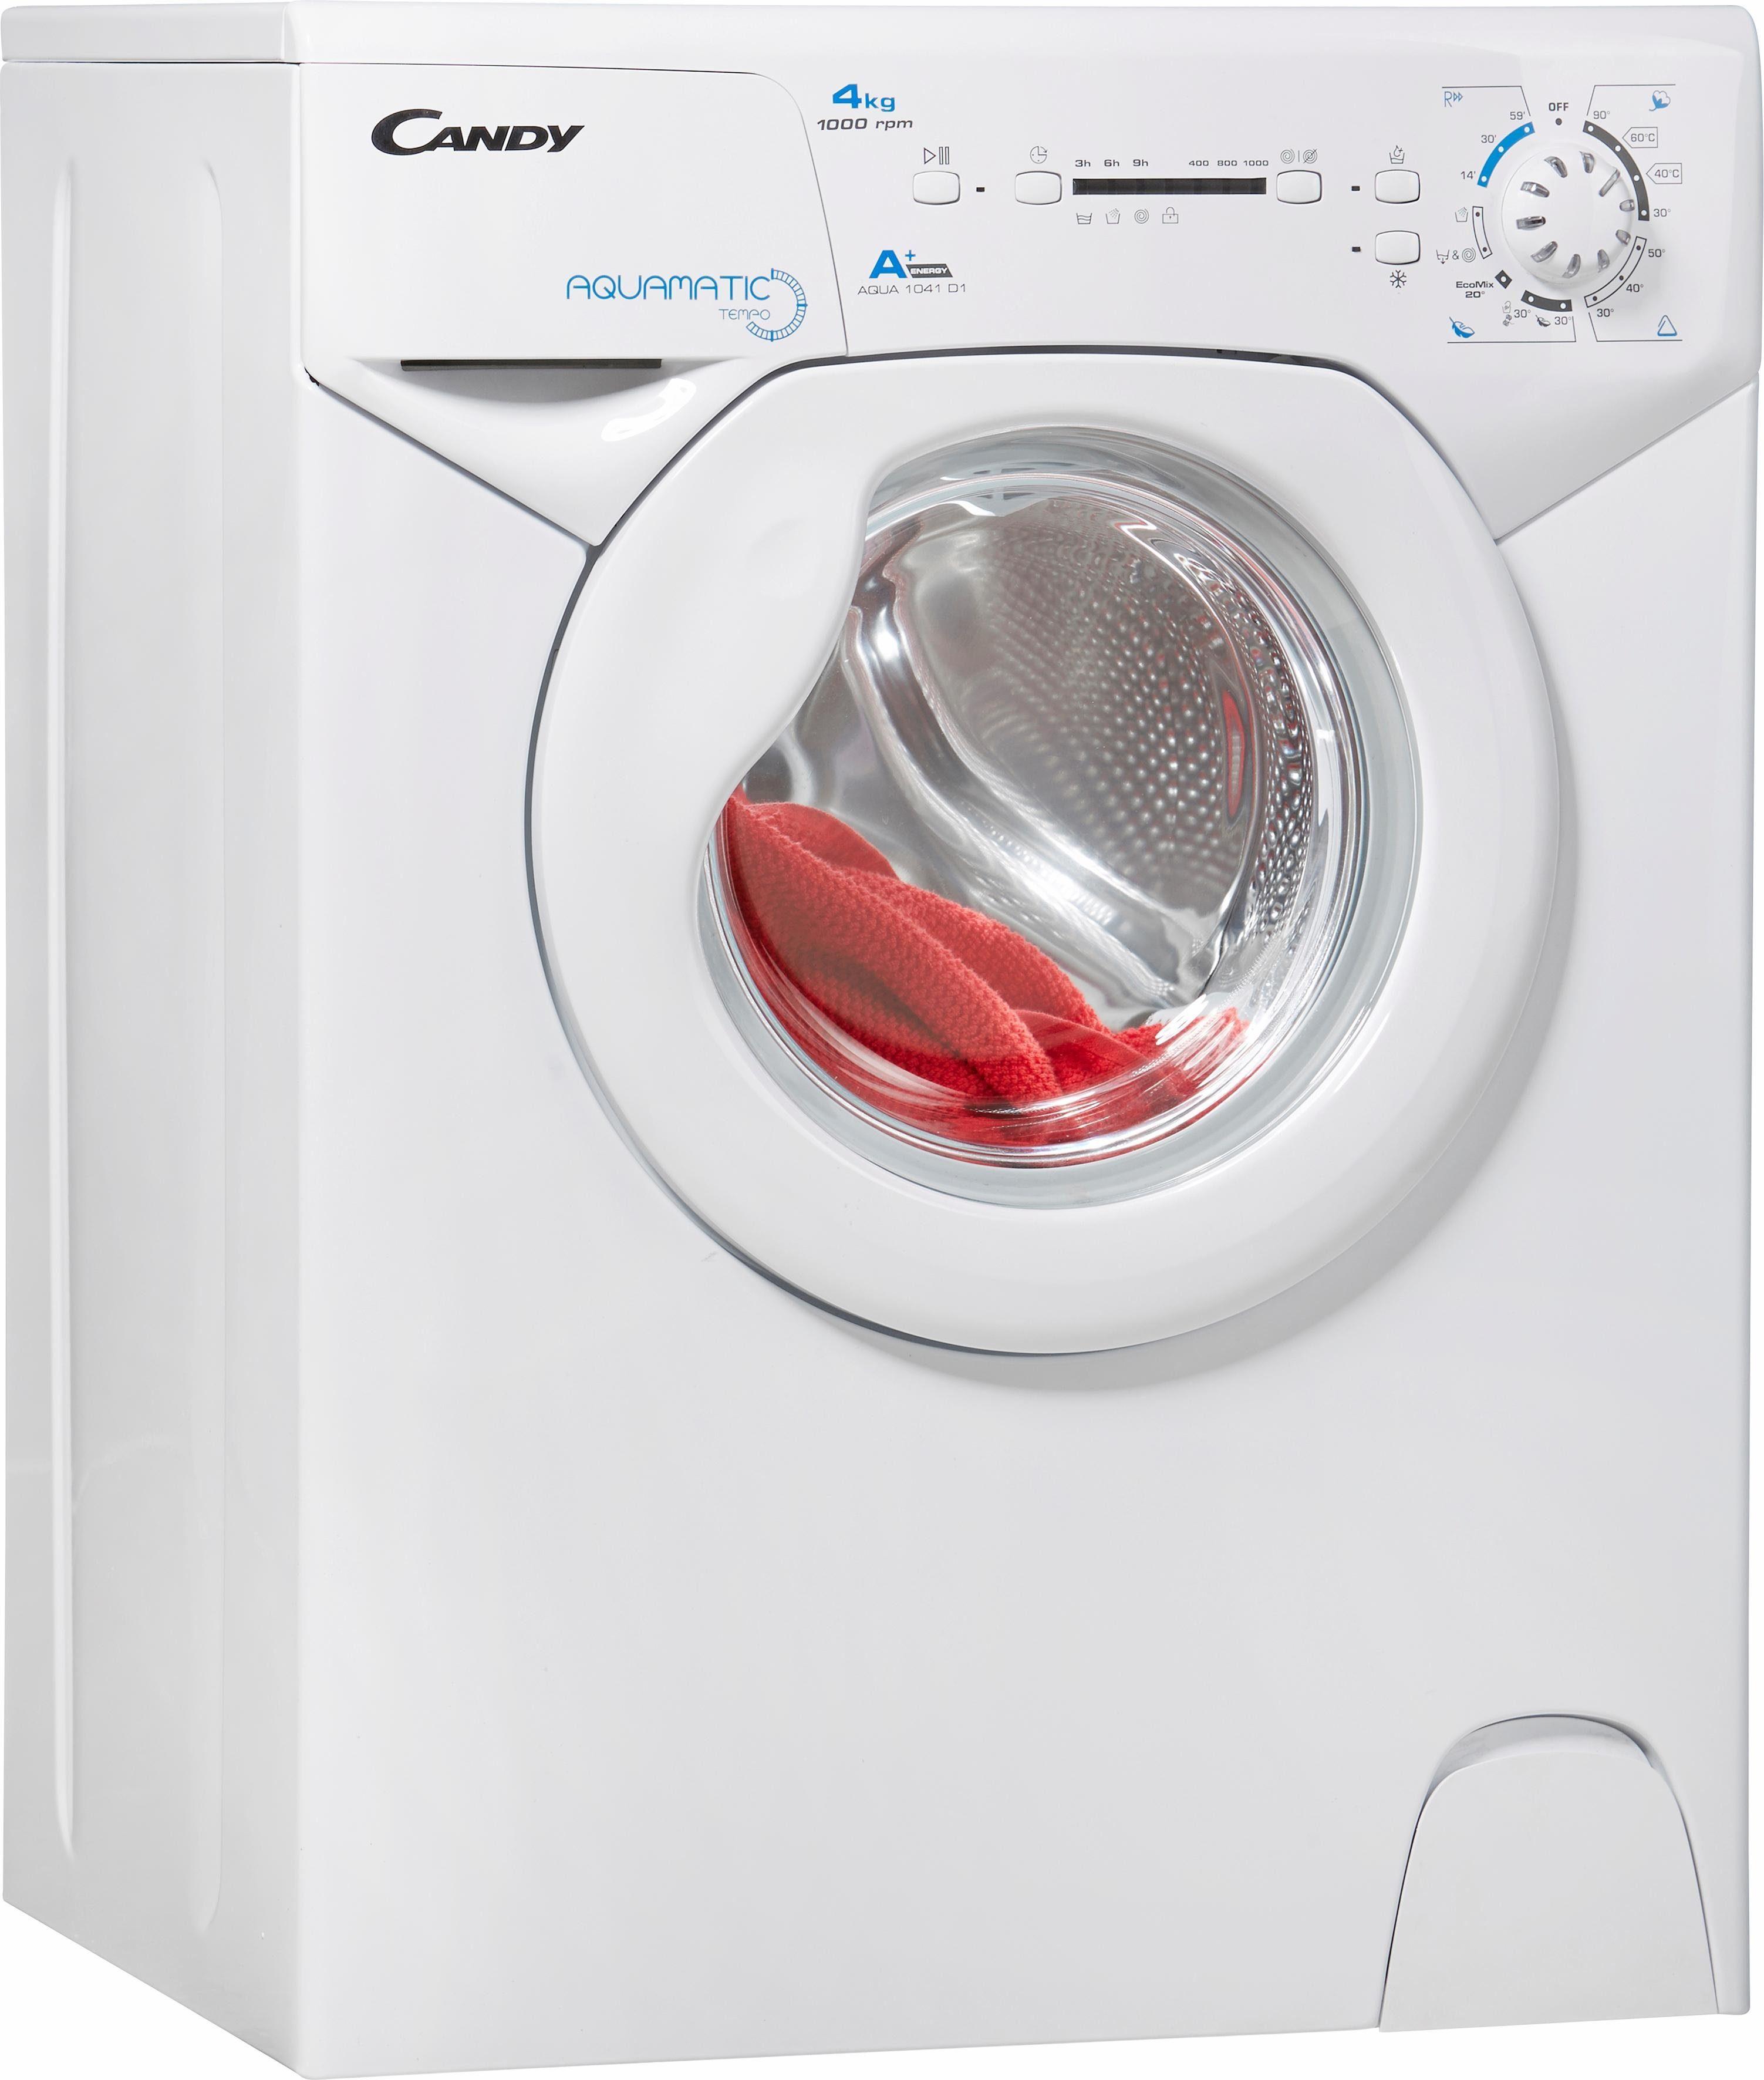 Candy Waschmaschine AQUA 1041D1, A+, 4 kg, 1000 U/Min